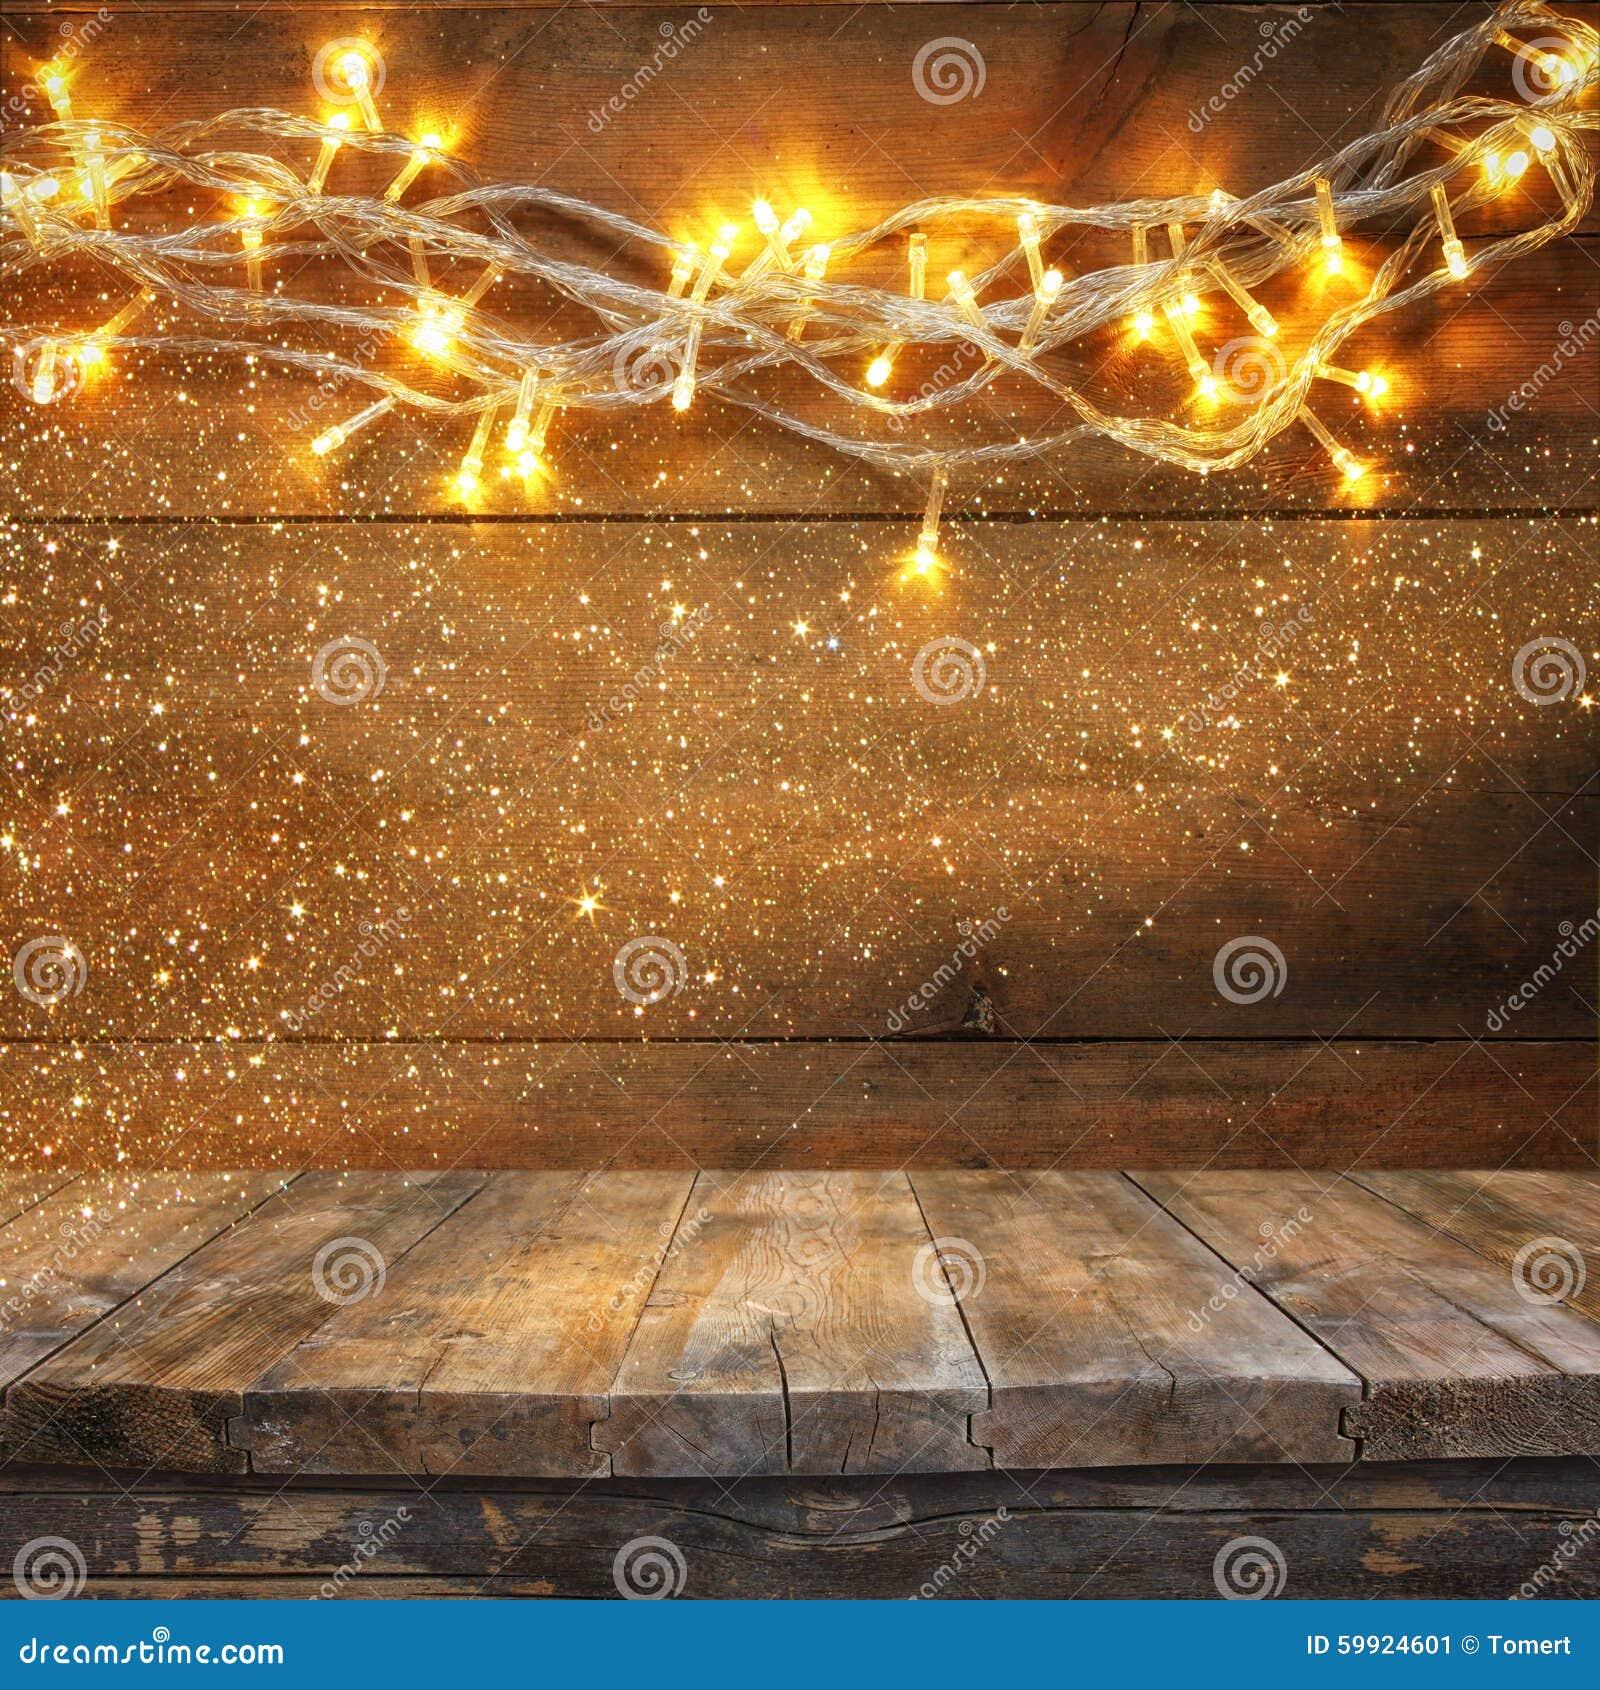 Ξύλινος πίνακας πινάκων μπροστά από τα θερμά χρυσά φω τα γιρλαντών Χριστουγέννων στο ξύλινο αγροτικό υπόβαθρο Φιλτραρισμένη εικόν